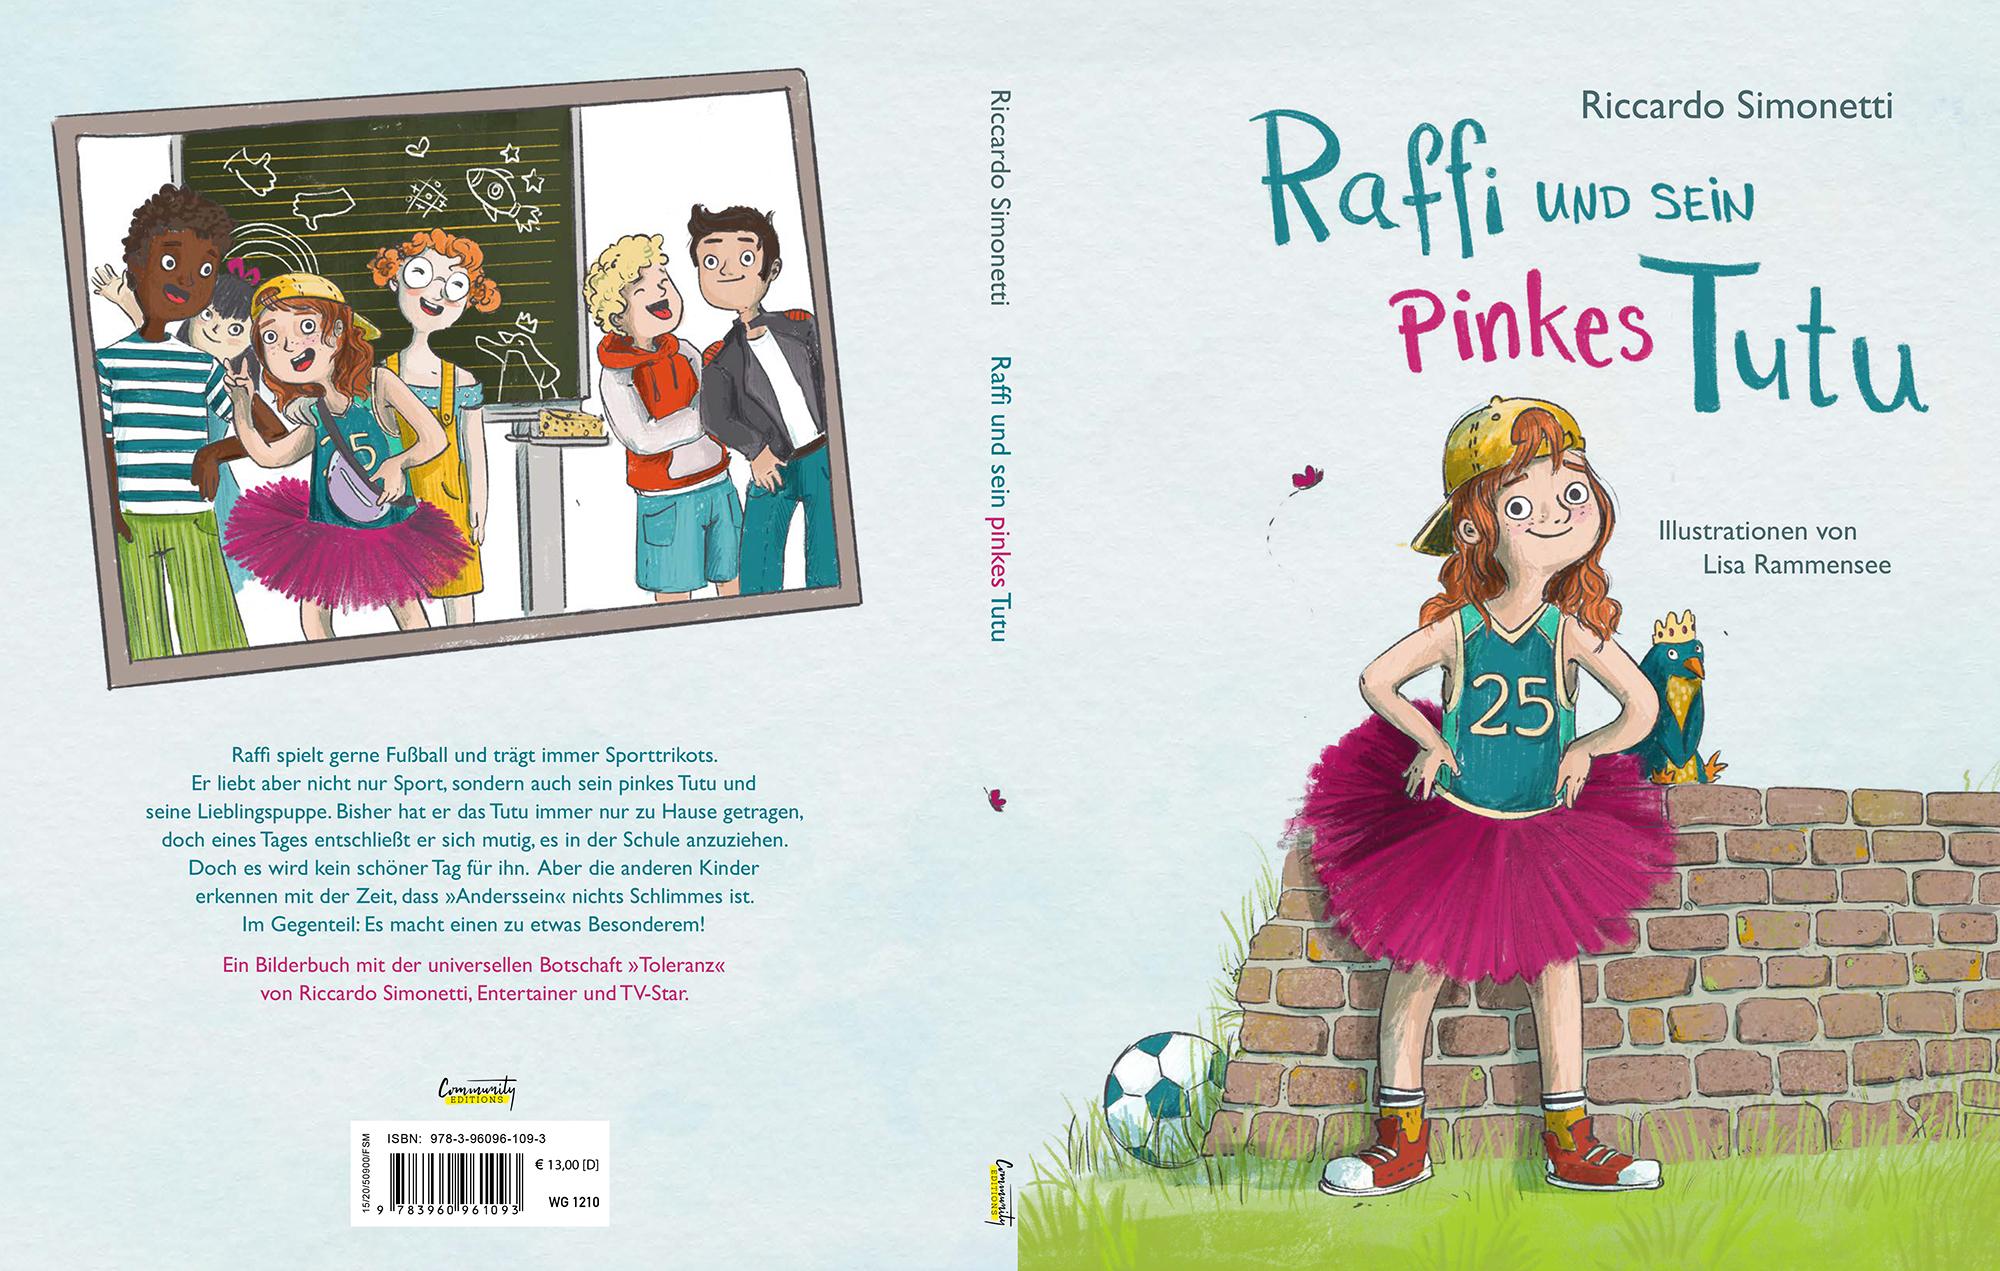 Cover Riccardo Simonetti Raffi und sein pinkes Tutu